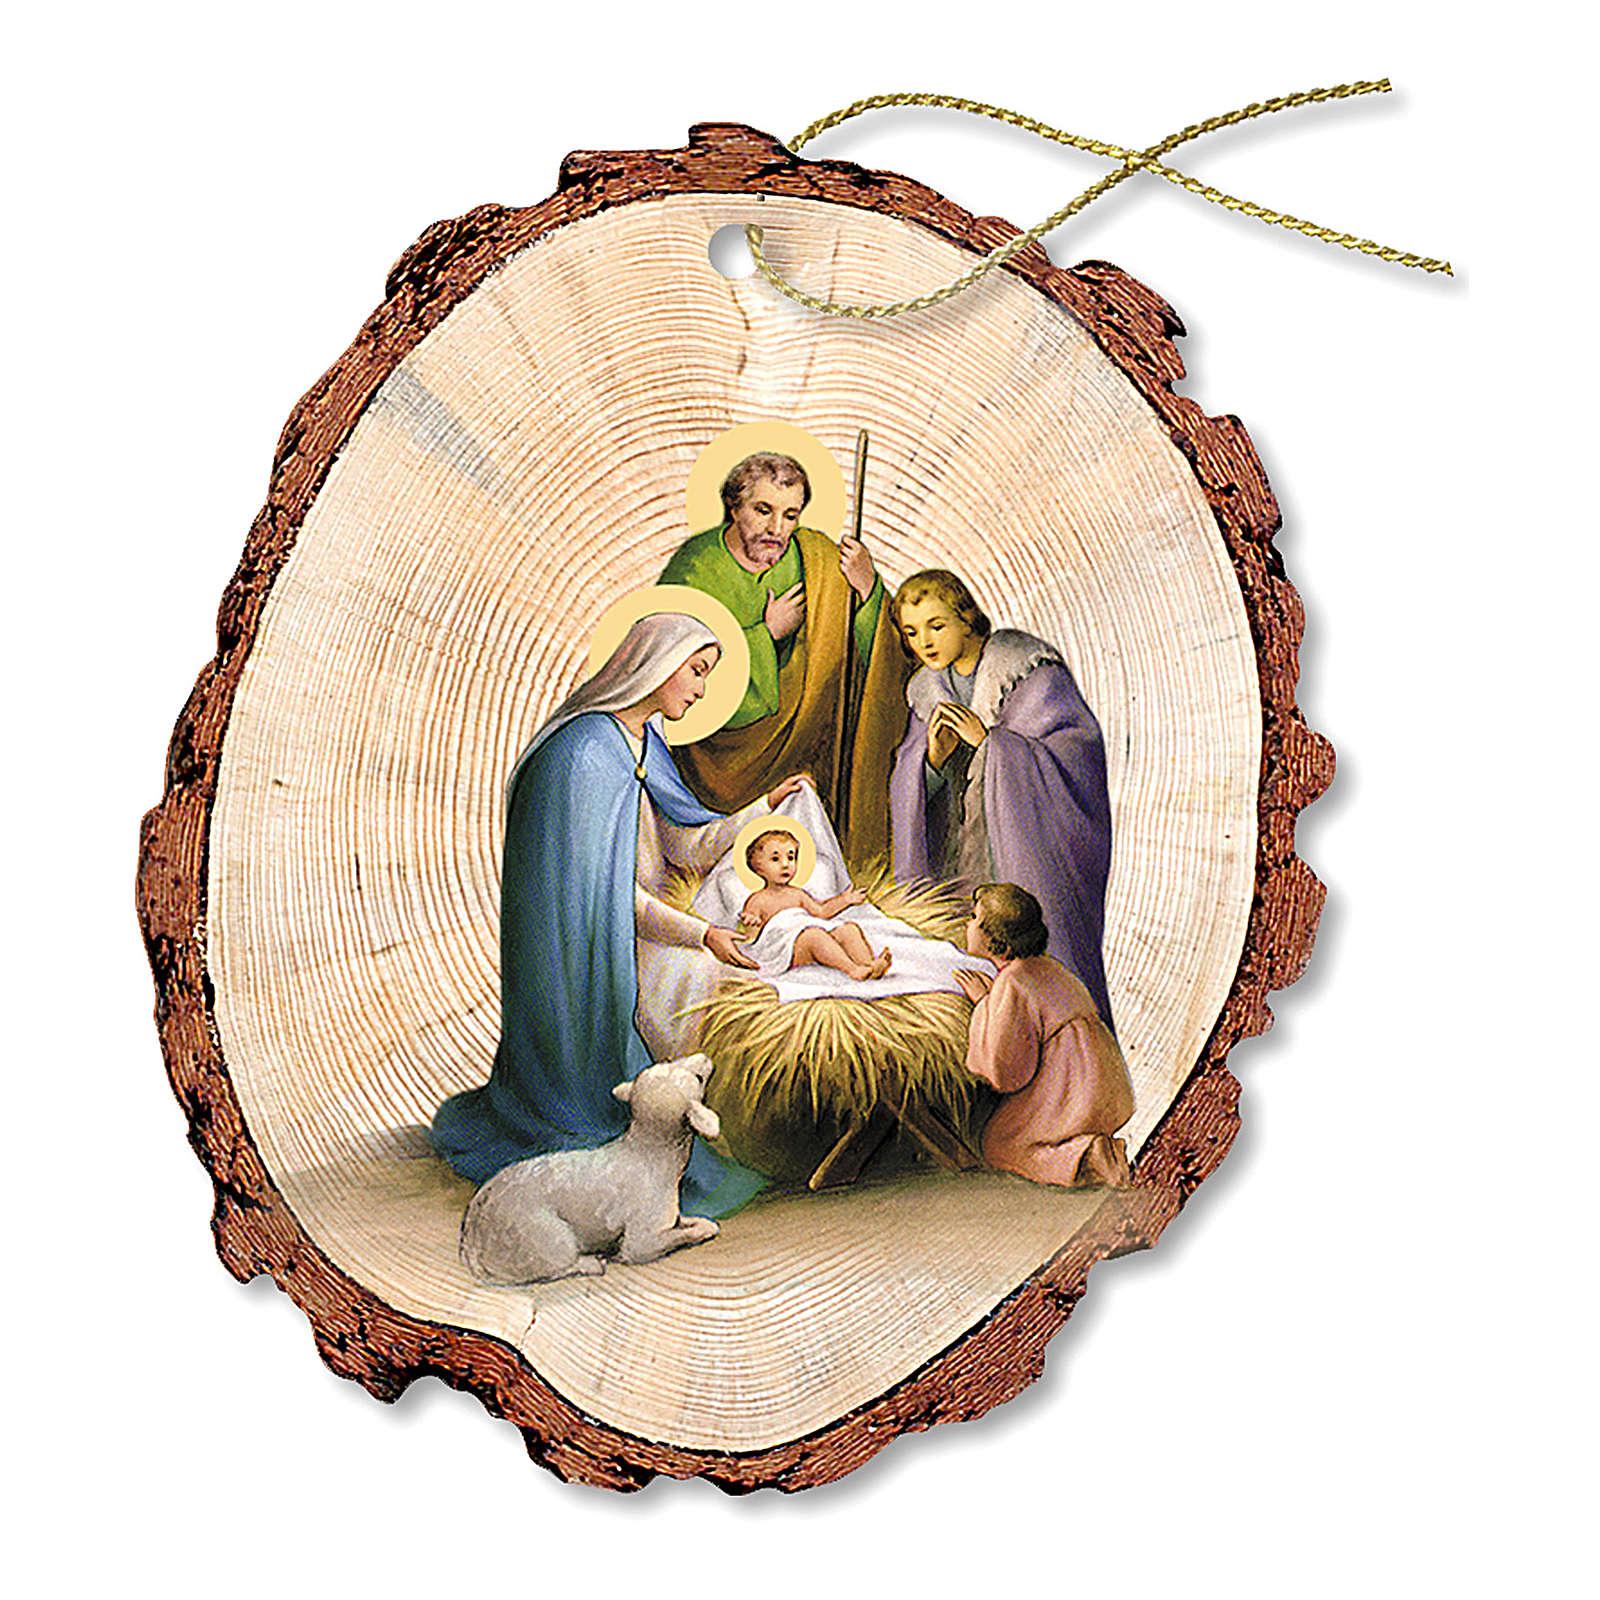 Décoration de Noël bois façonné Crèche Sainte Famille Enfant Jésus 4